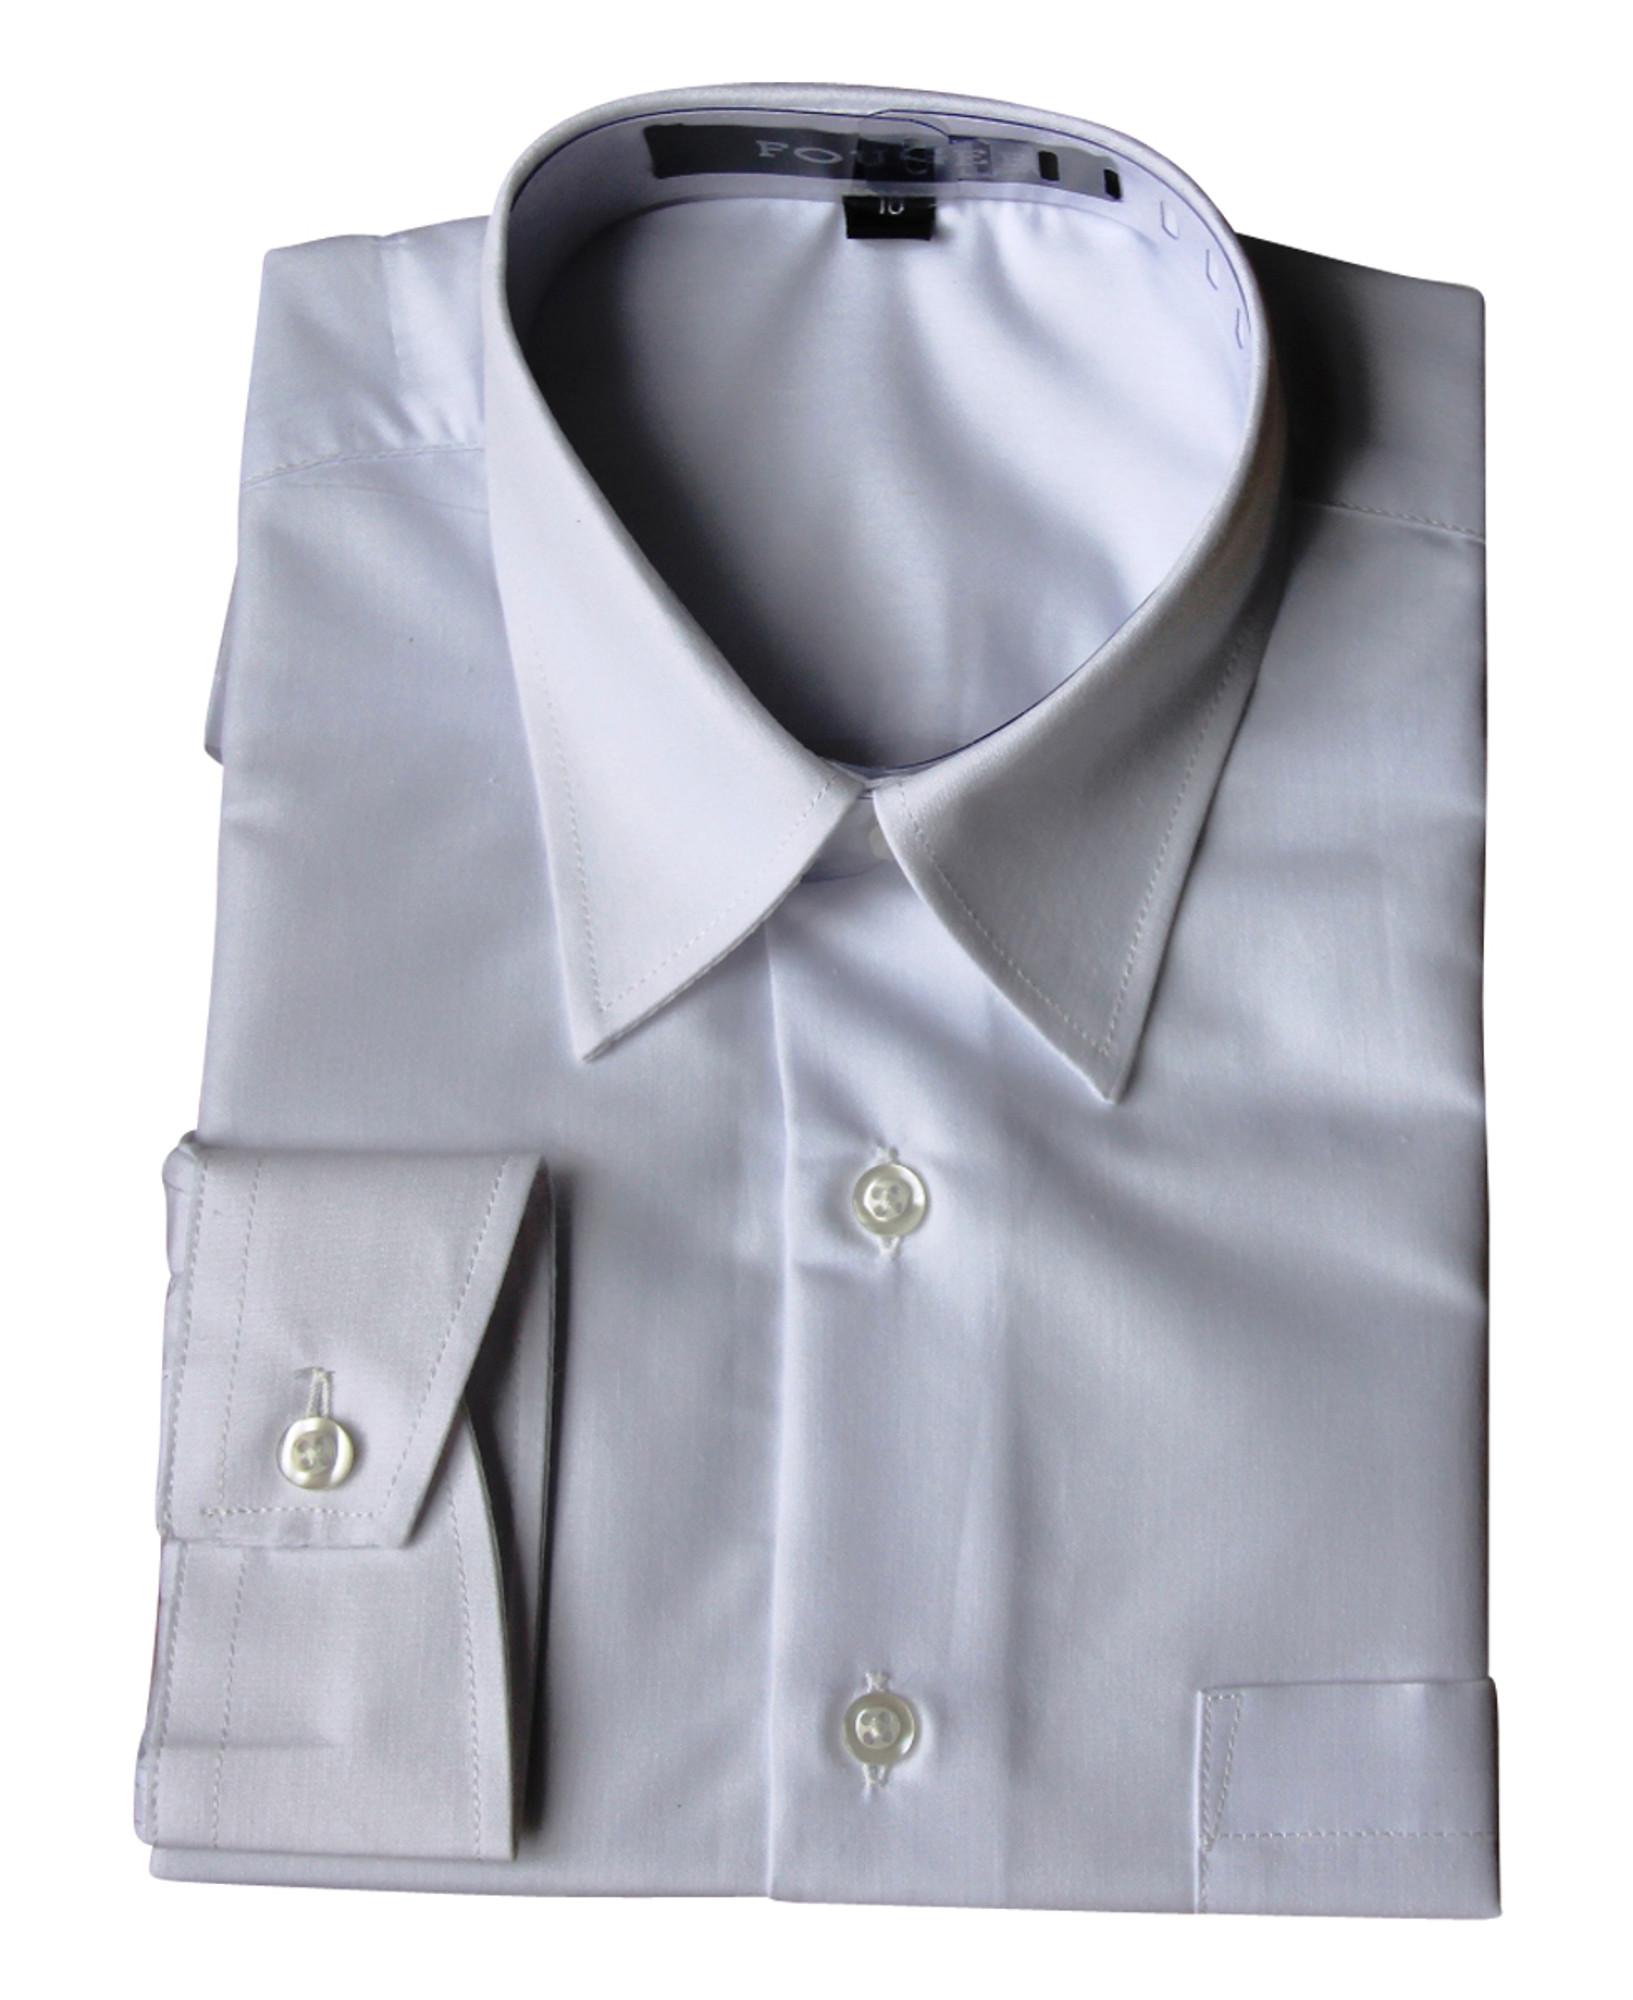 BIMARO Jungen Kinderhemd weiß slim langarm festlich  Baumwollmischung Hochzeit Kommunion Taufe 001